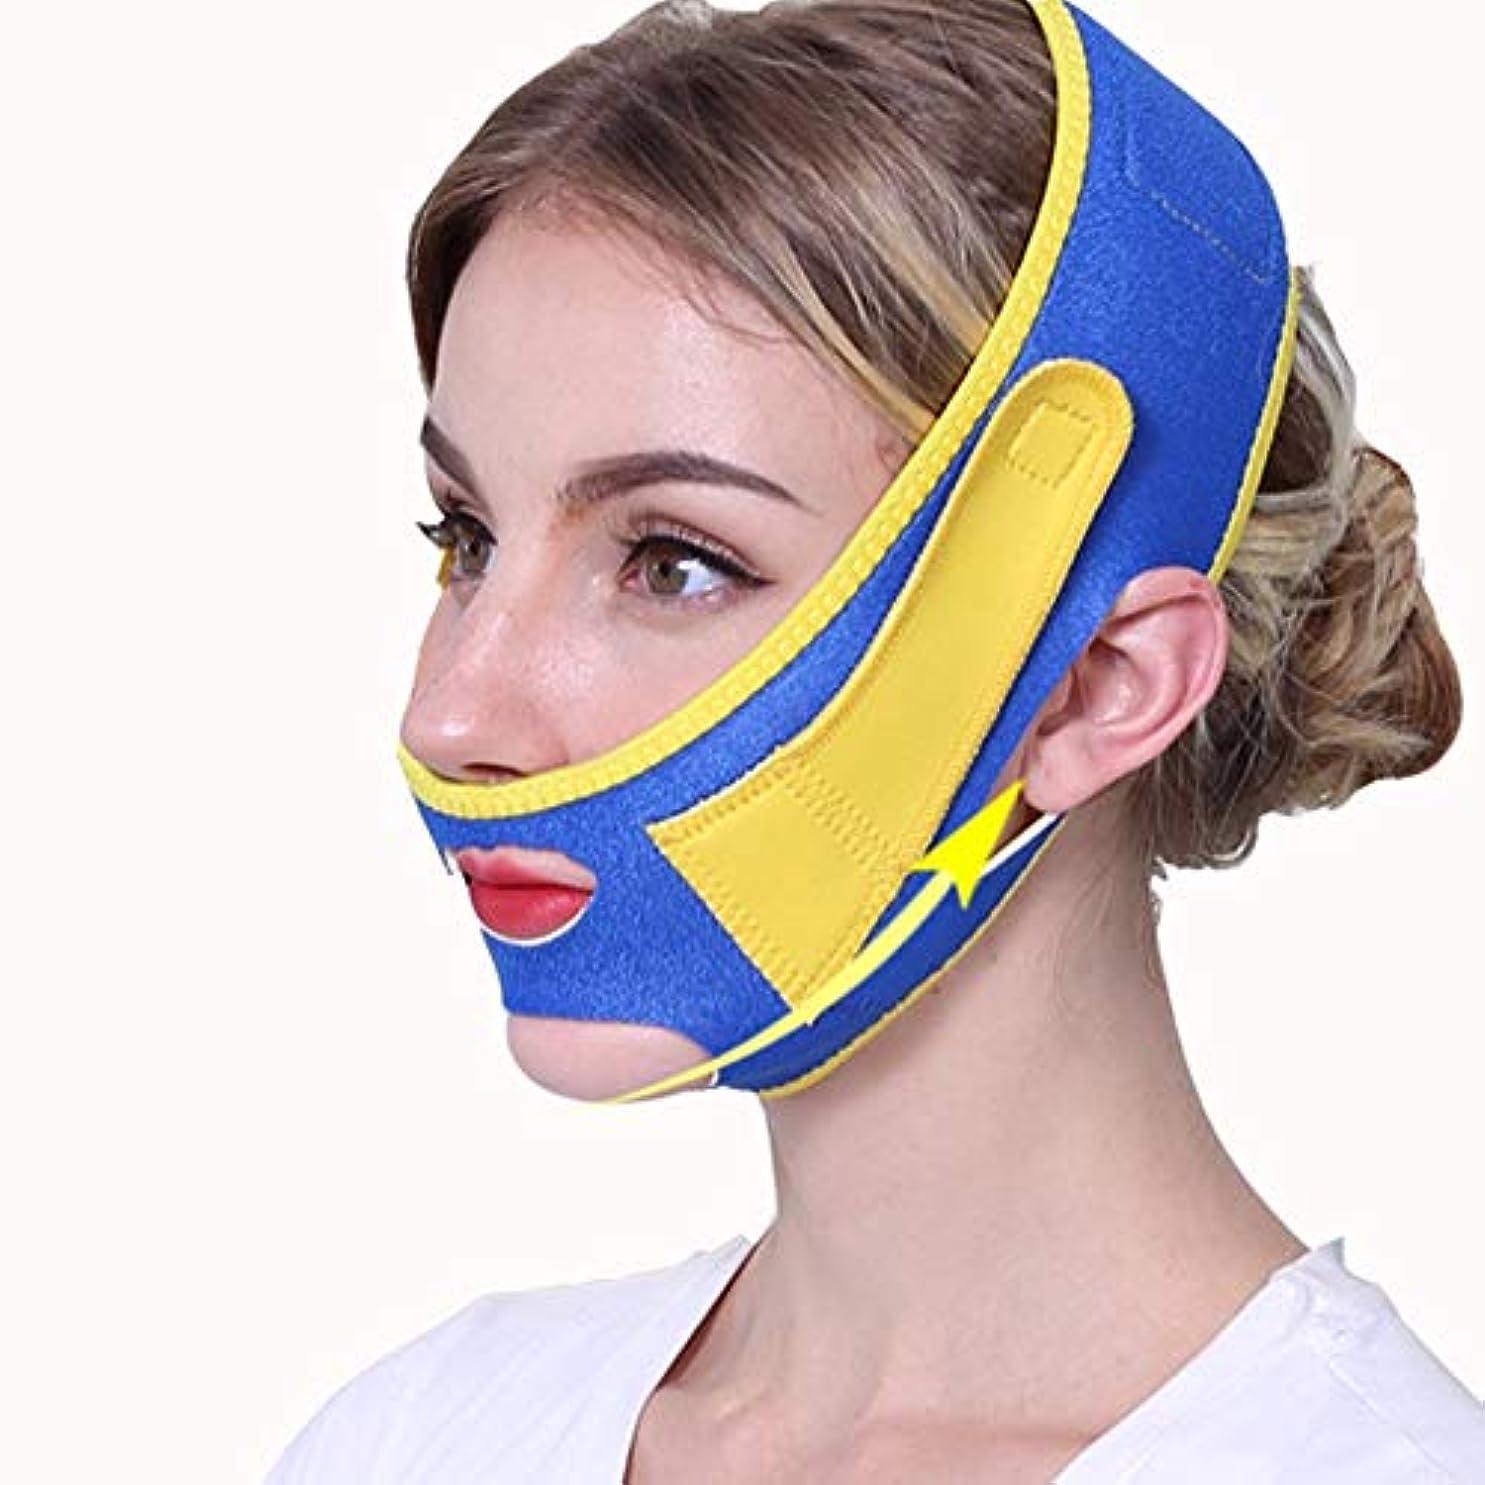 シリアルすべて生理XINGZHE フェイシャルリフティング痩身ベルトフェイス包帯マスク整形マスクフェイスベルトを引き締める薄型フェイス包帯整形マスクフェイスと首の顔を引き締めスリム フェイスリフティングベルト